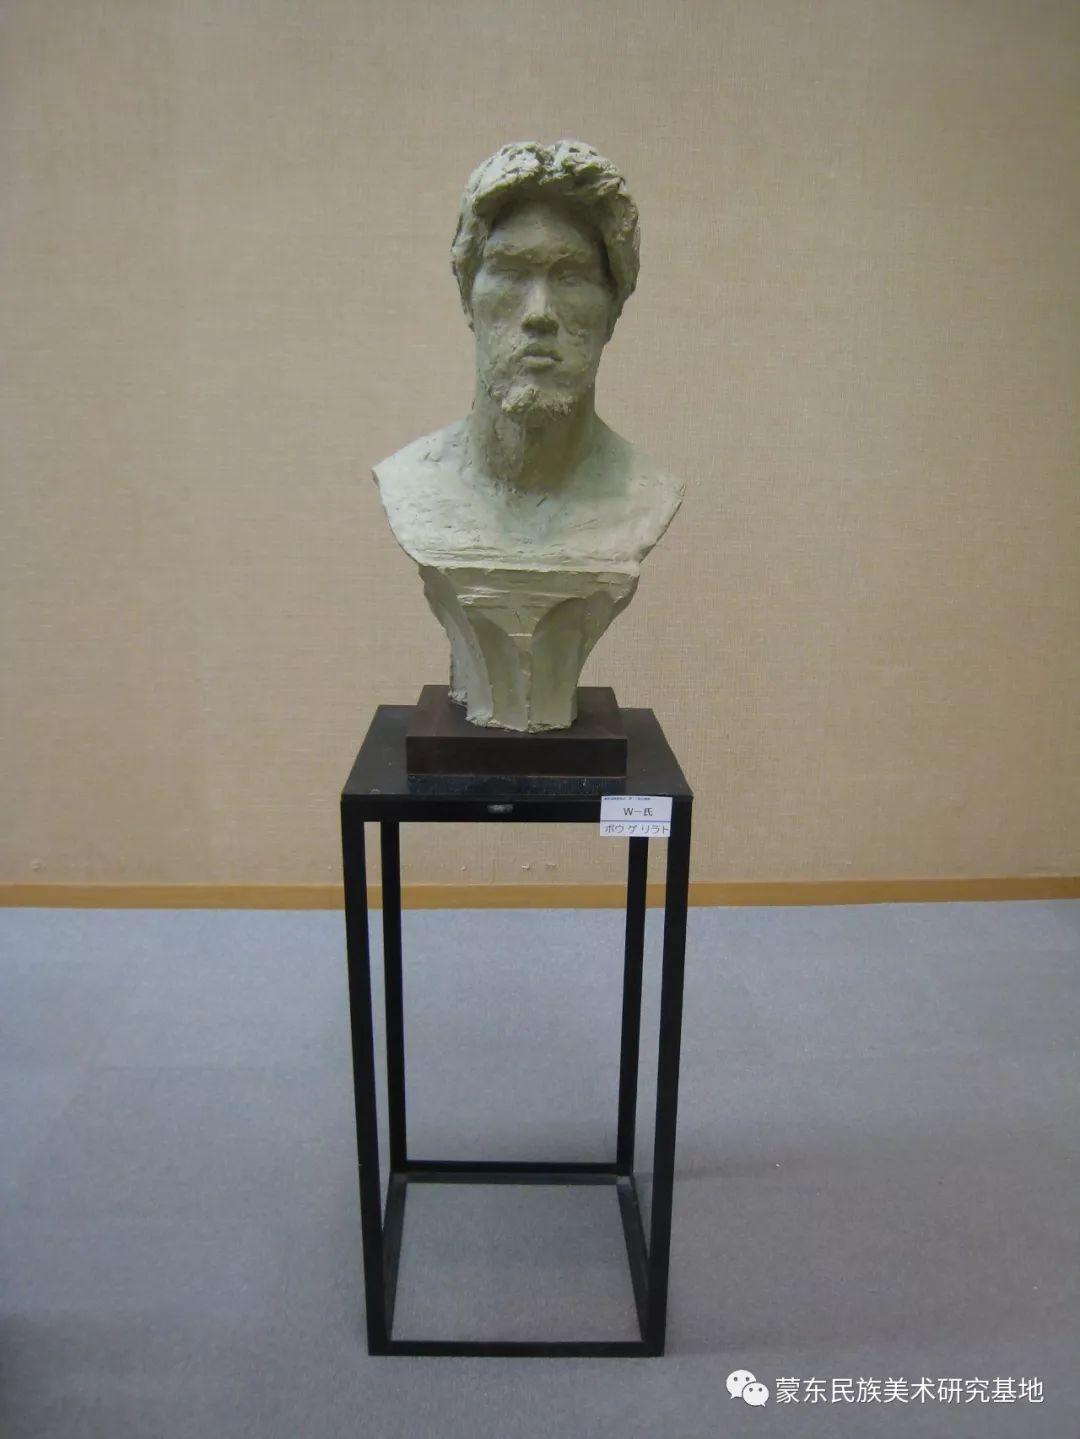 包格日乐吐作品——头像雕塑系列(一) 第11张 包格日乐吐作品——头像雕塑系列(一) 蒙古画廊